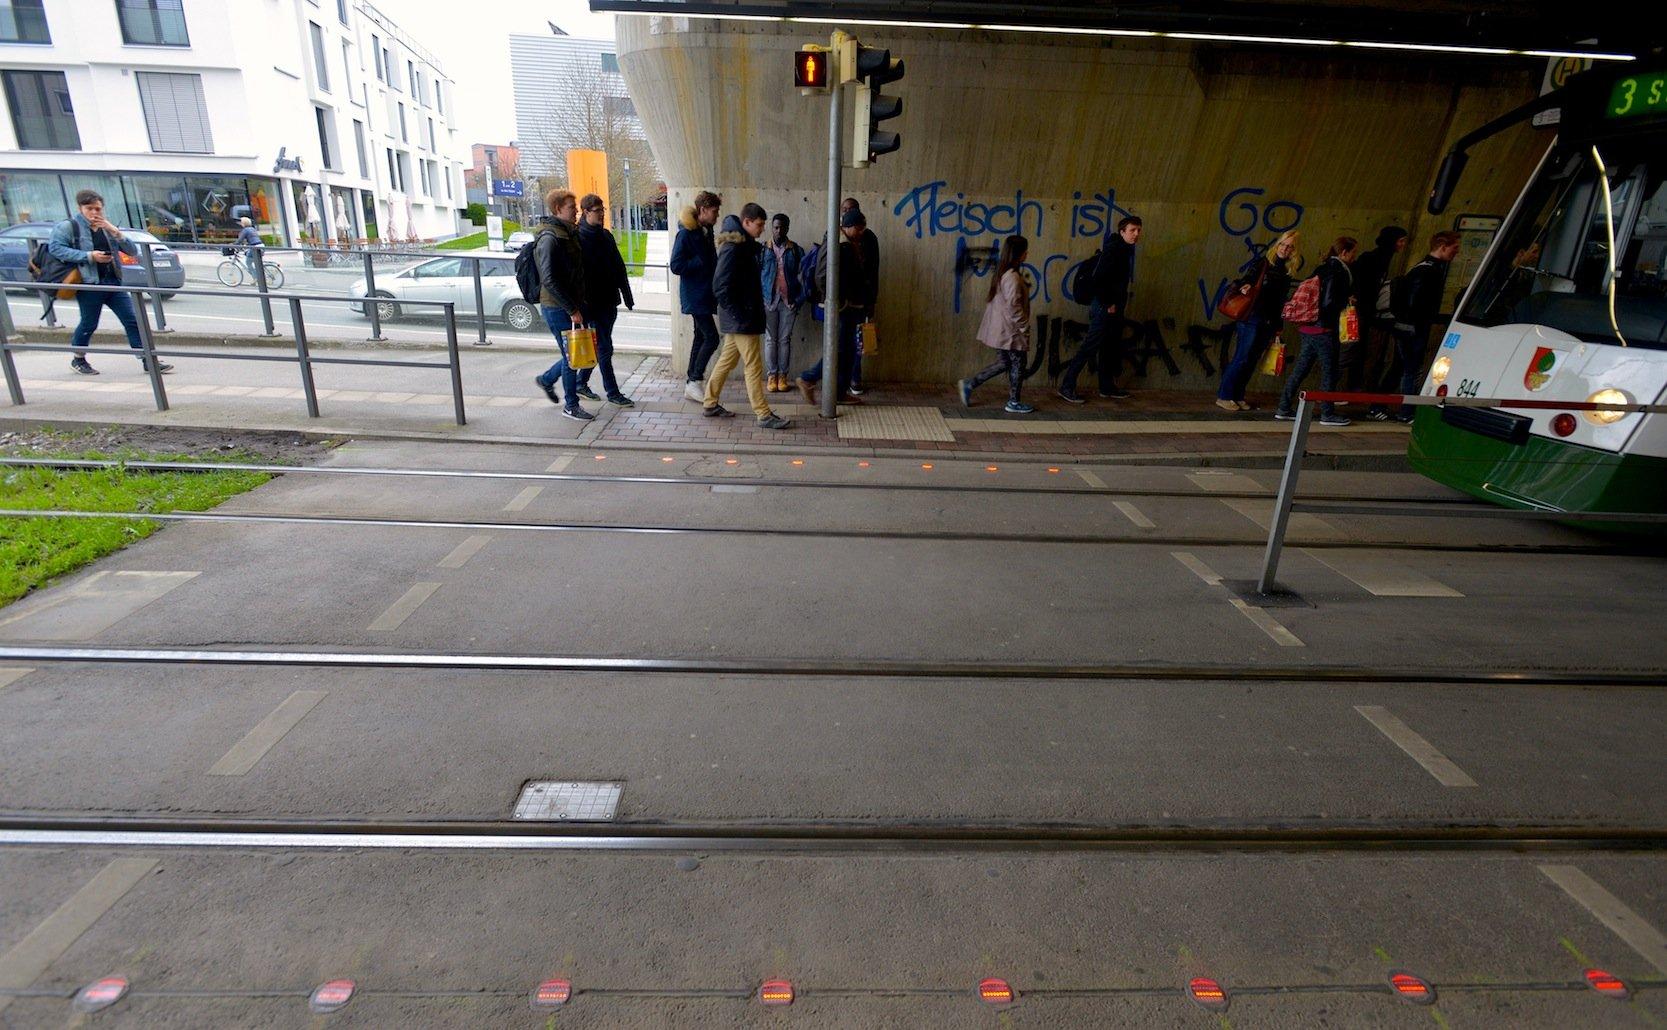 In Augsburg warnen rote LED-Leuchten im Boden abgelenkte Fußgänger, die auf ihr Smartphone starren, vor der Straßenbahn.